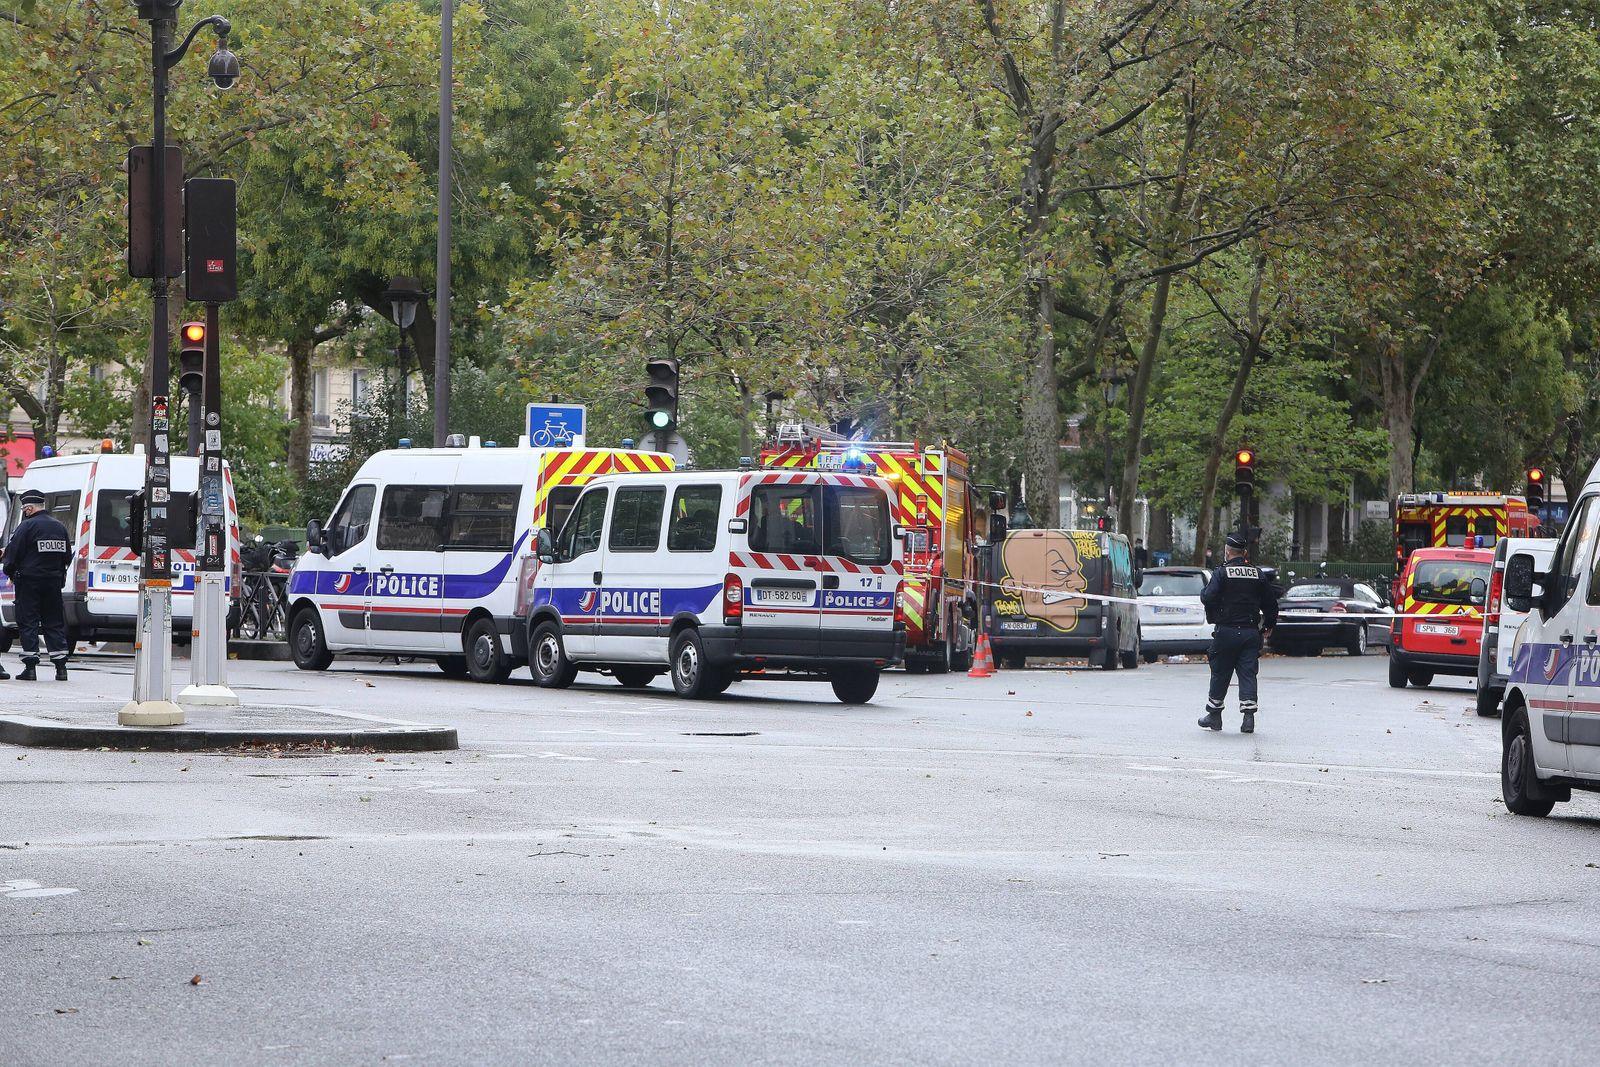 Attaque au couteau deux personnes blessees deux suspects interpelles dans le 11e arrondissement de la capitale NEWS :At